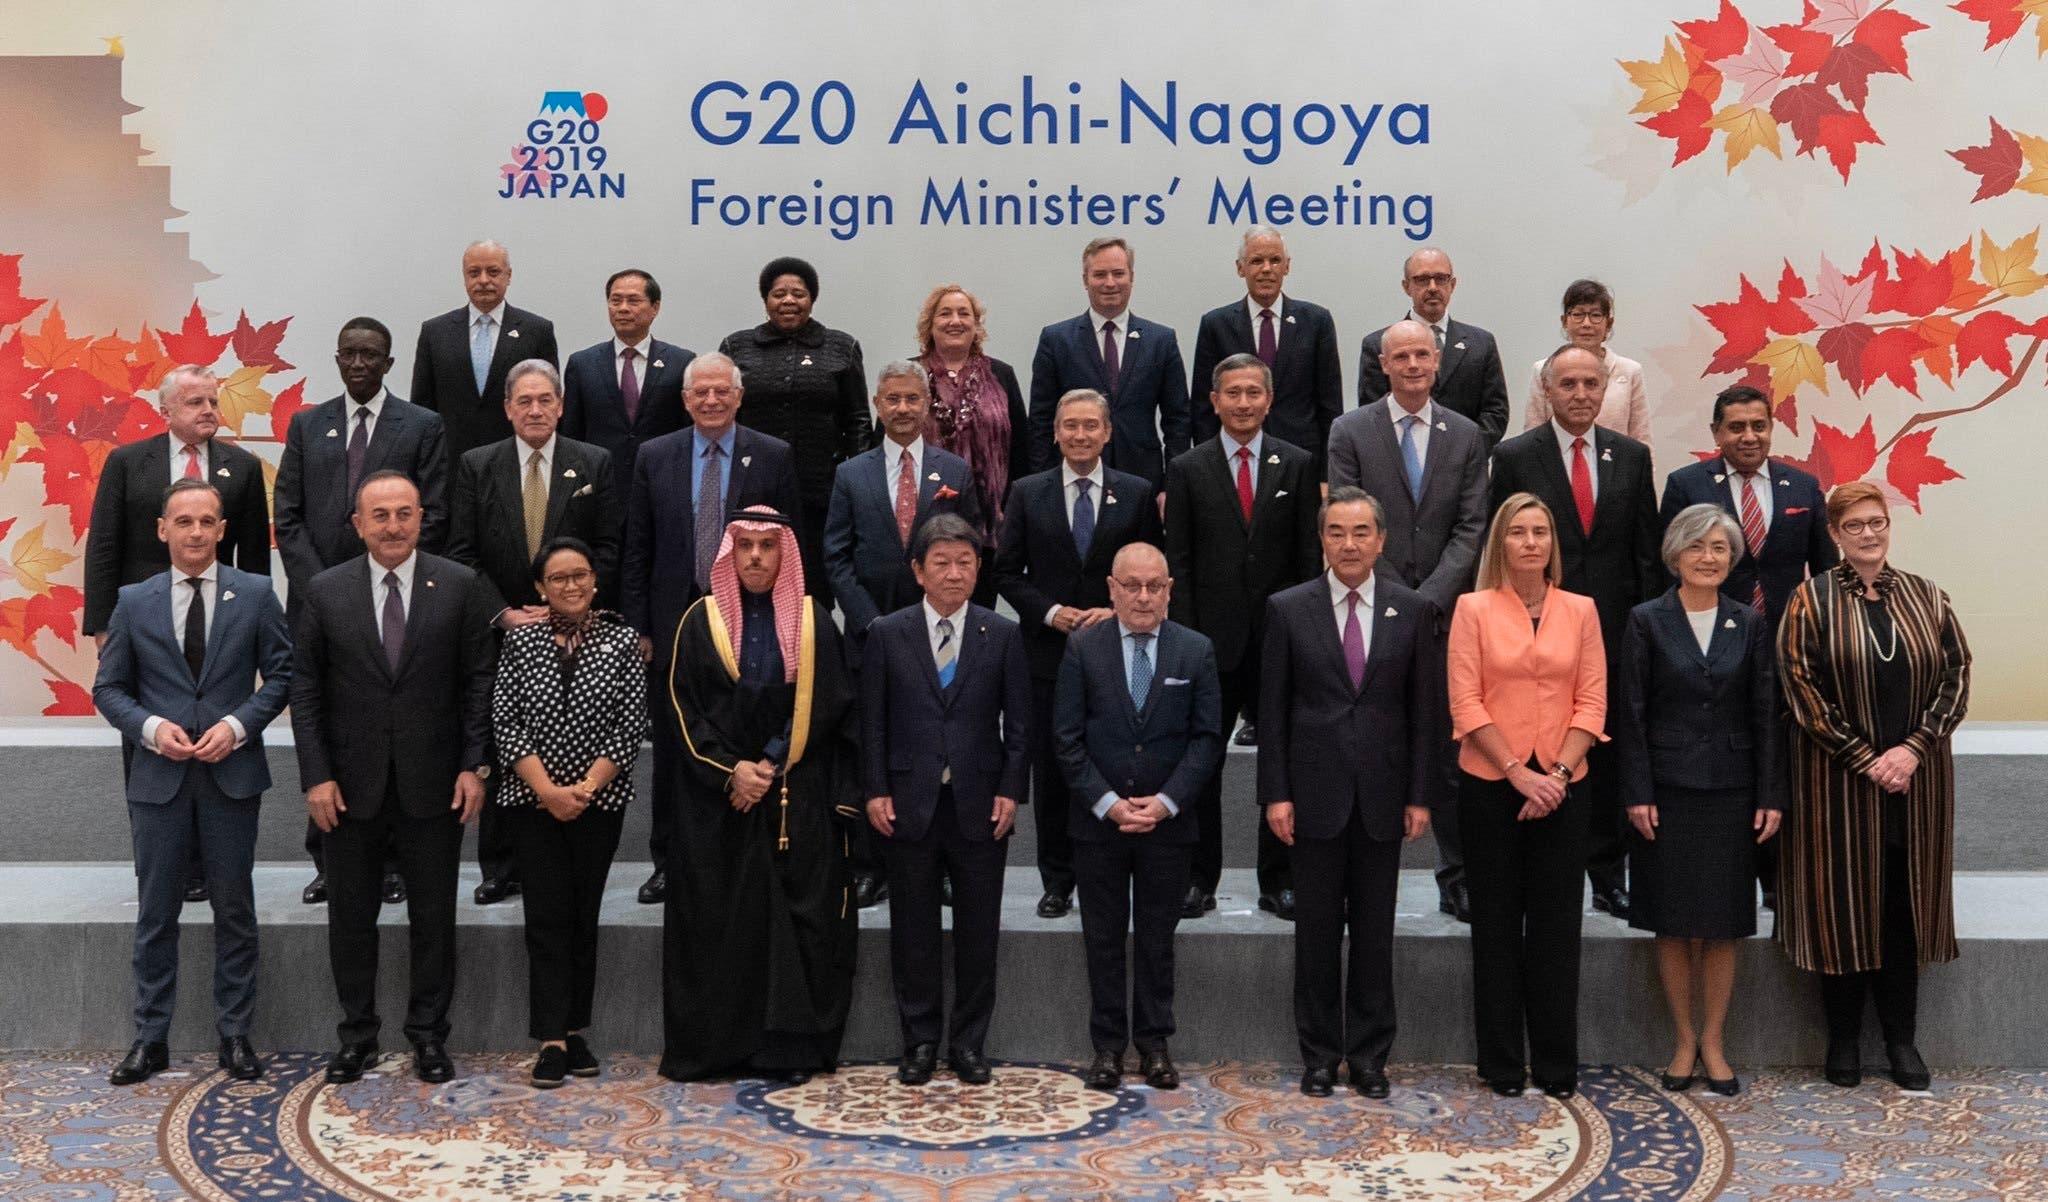 وزير الخارجية في صورة تذكارية تجمع رؤساء وفود الدول المشاركة في اجتماع وزراء خارجية مجموعة العشرين في مدينة ناغويا اليابانية